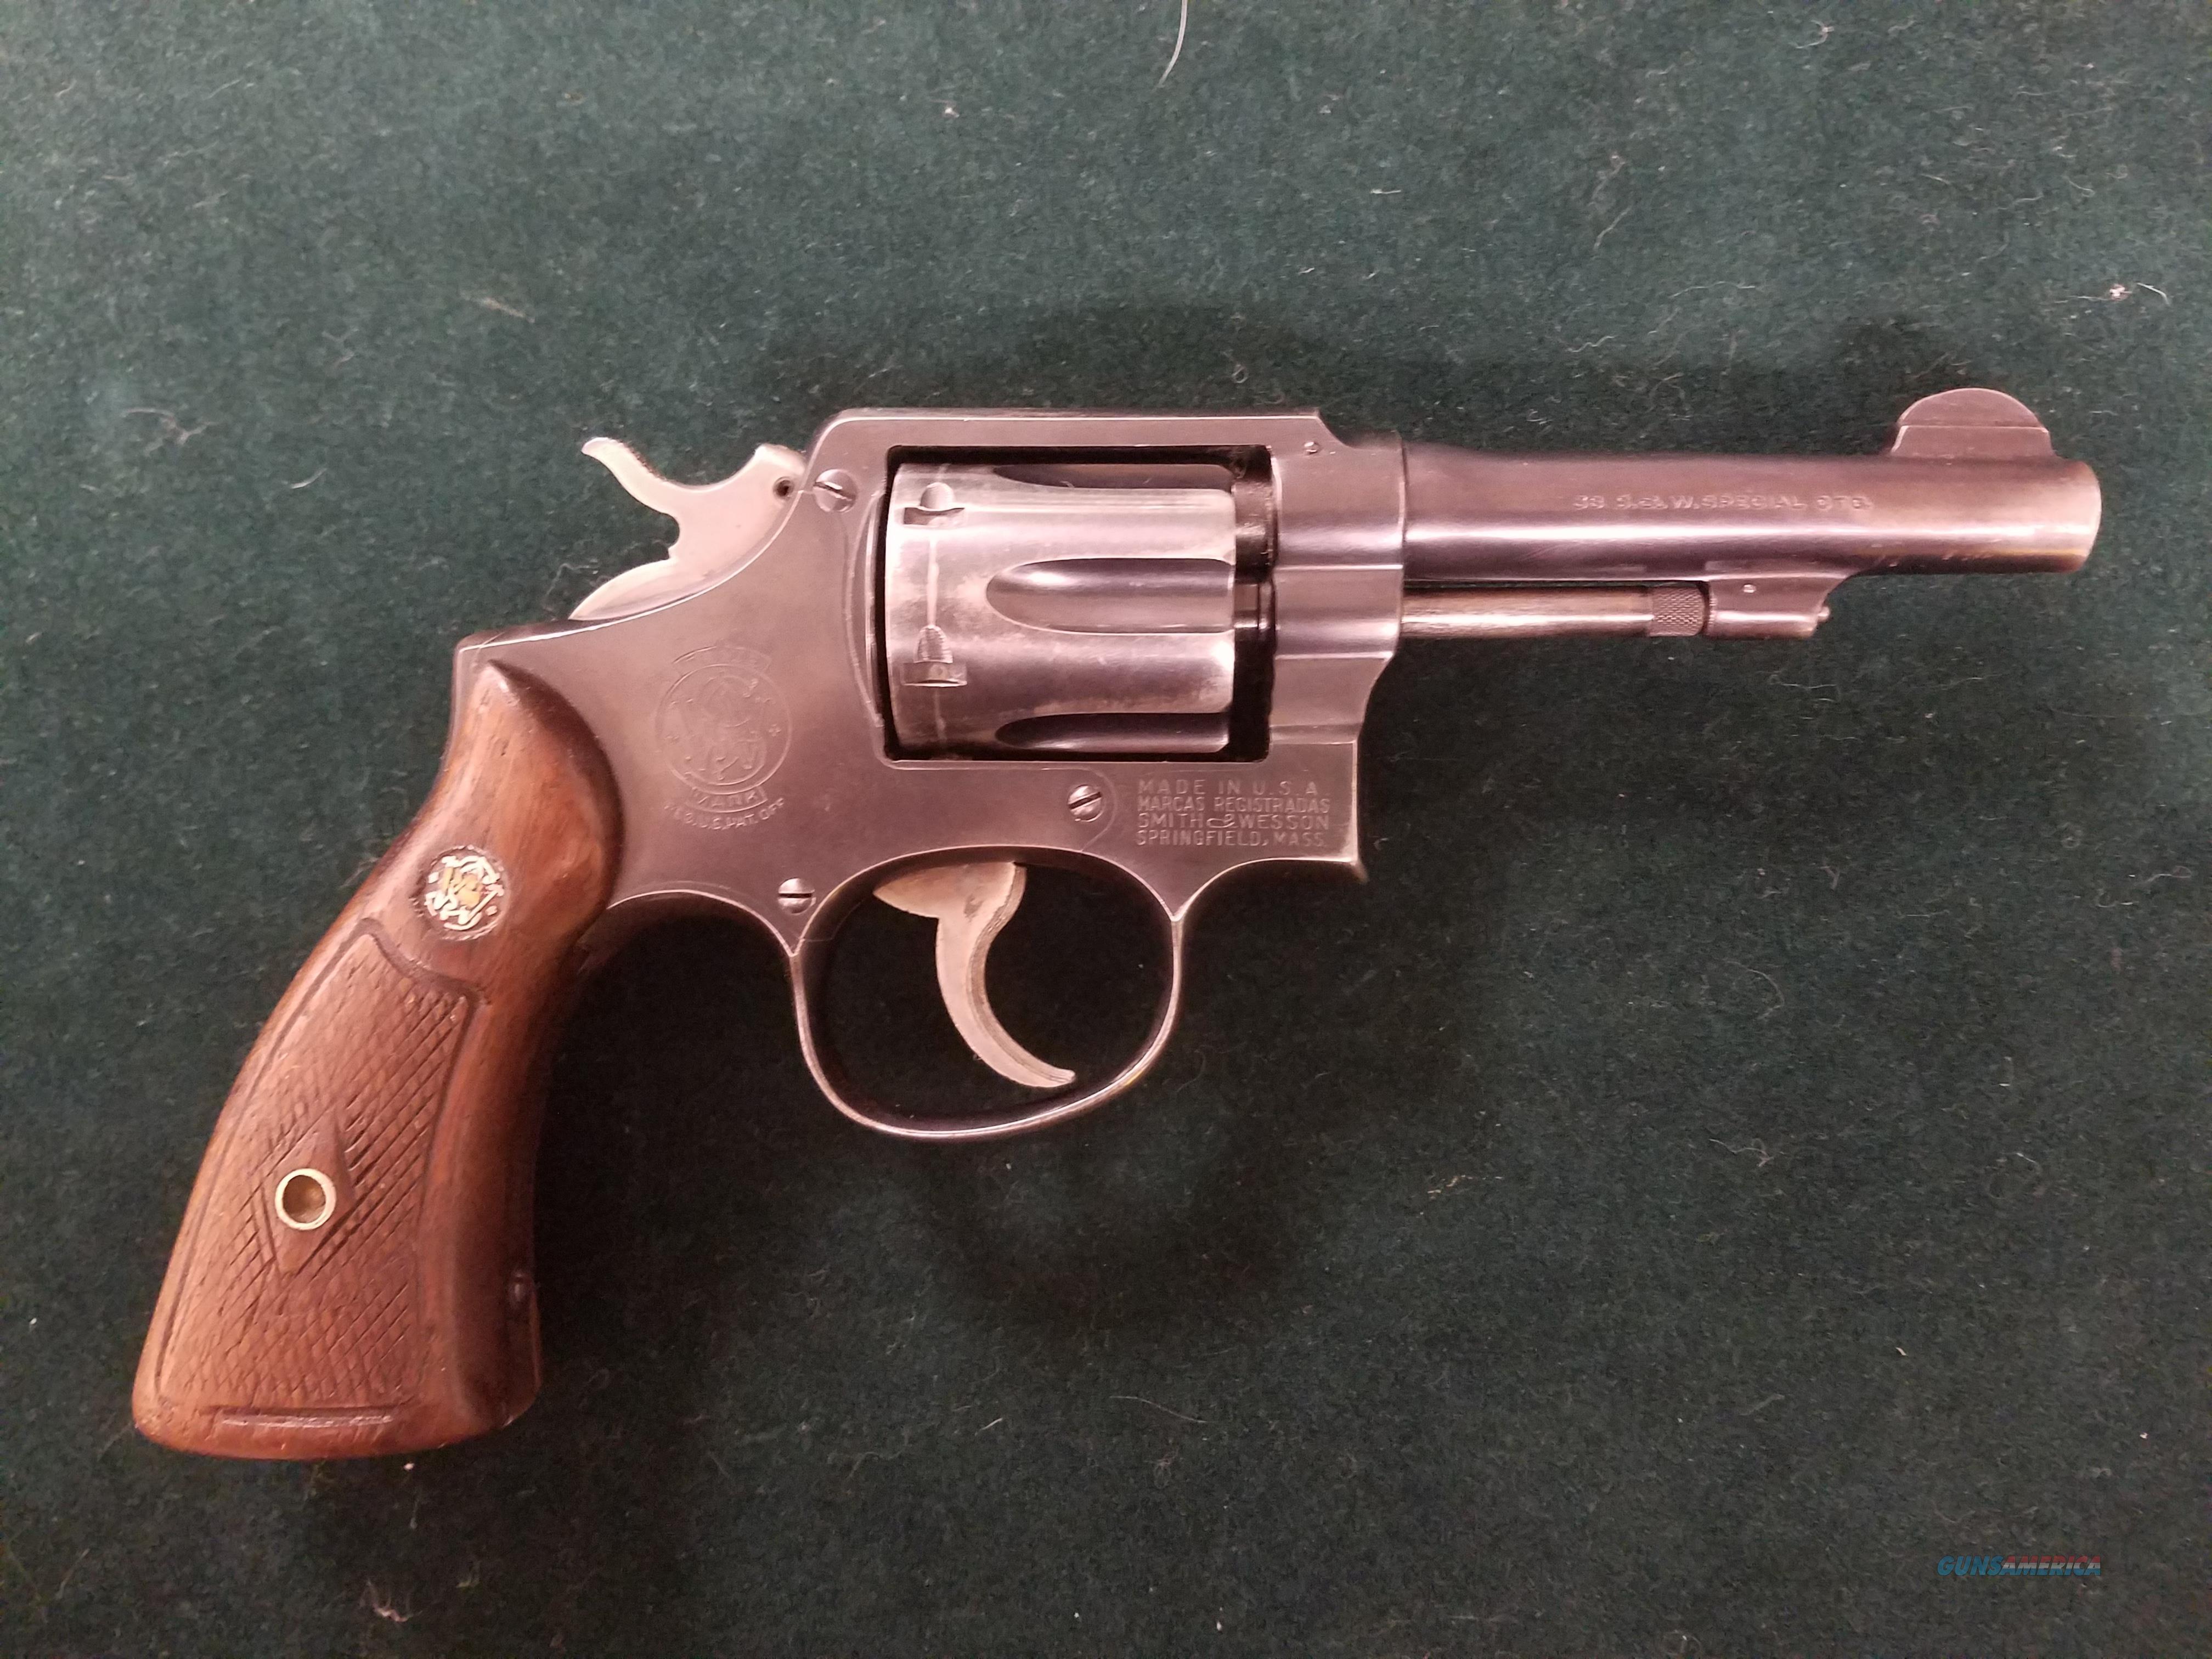 Smith 7 Wesson Pre Model 10  Guns > Pistols > Smith & Wesson Revolvers > Pre-1945